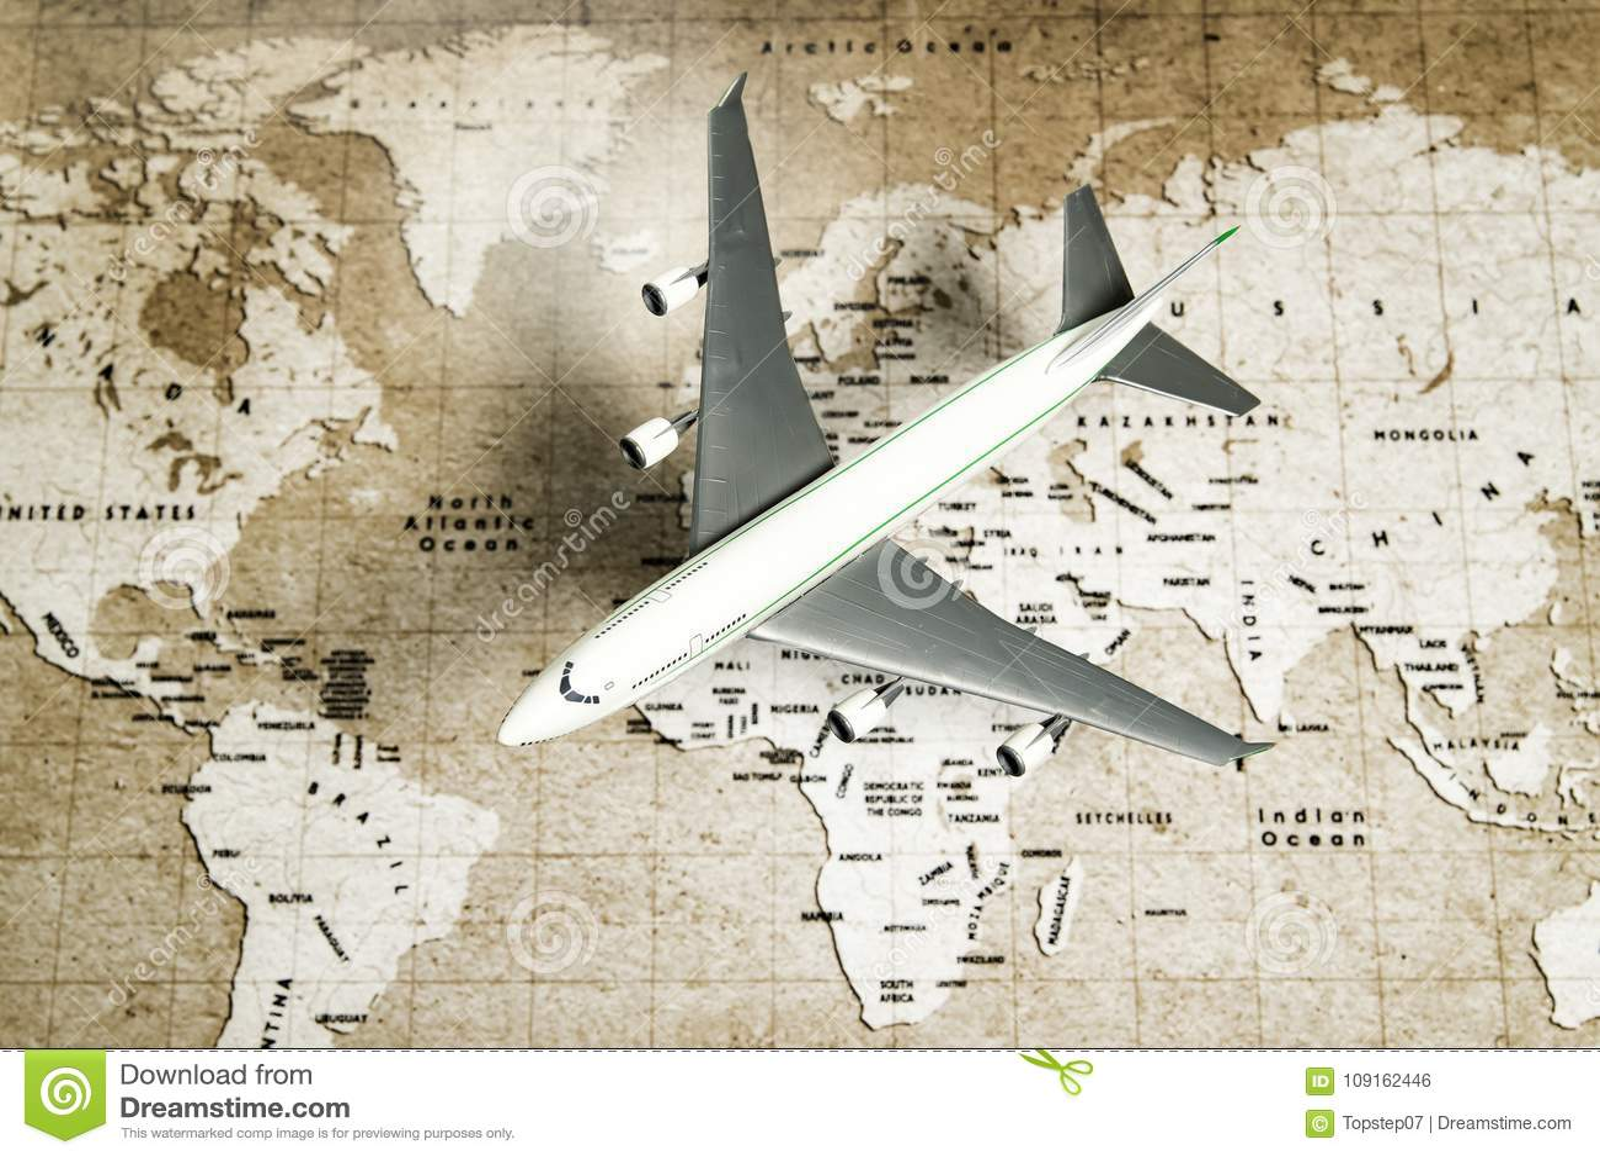 0525b2b727 Una mosca blanca del avión de aire sobre mapa del mundo marrón incluyendo  todo el nombre del país